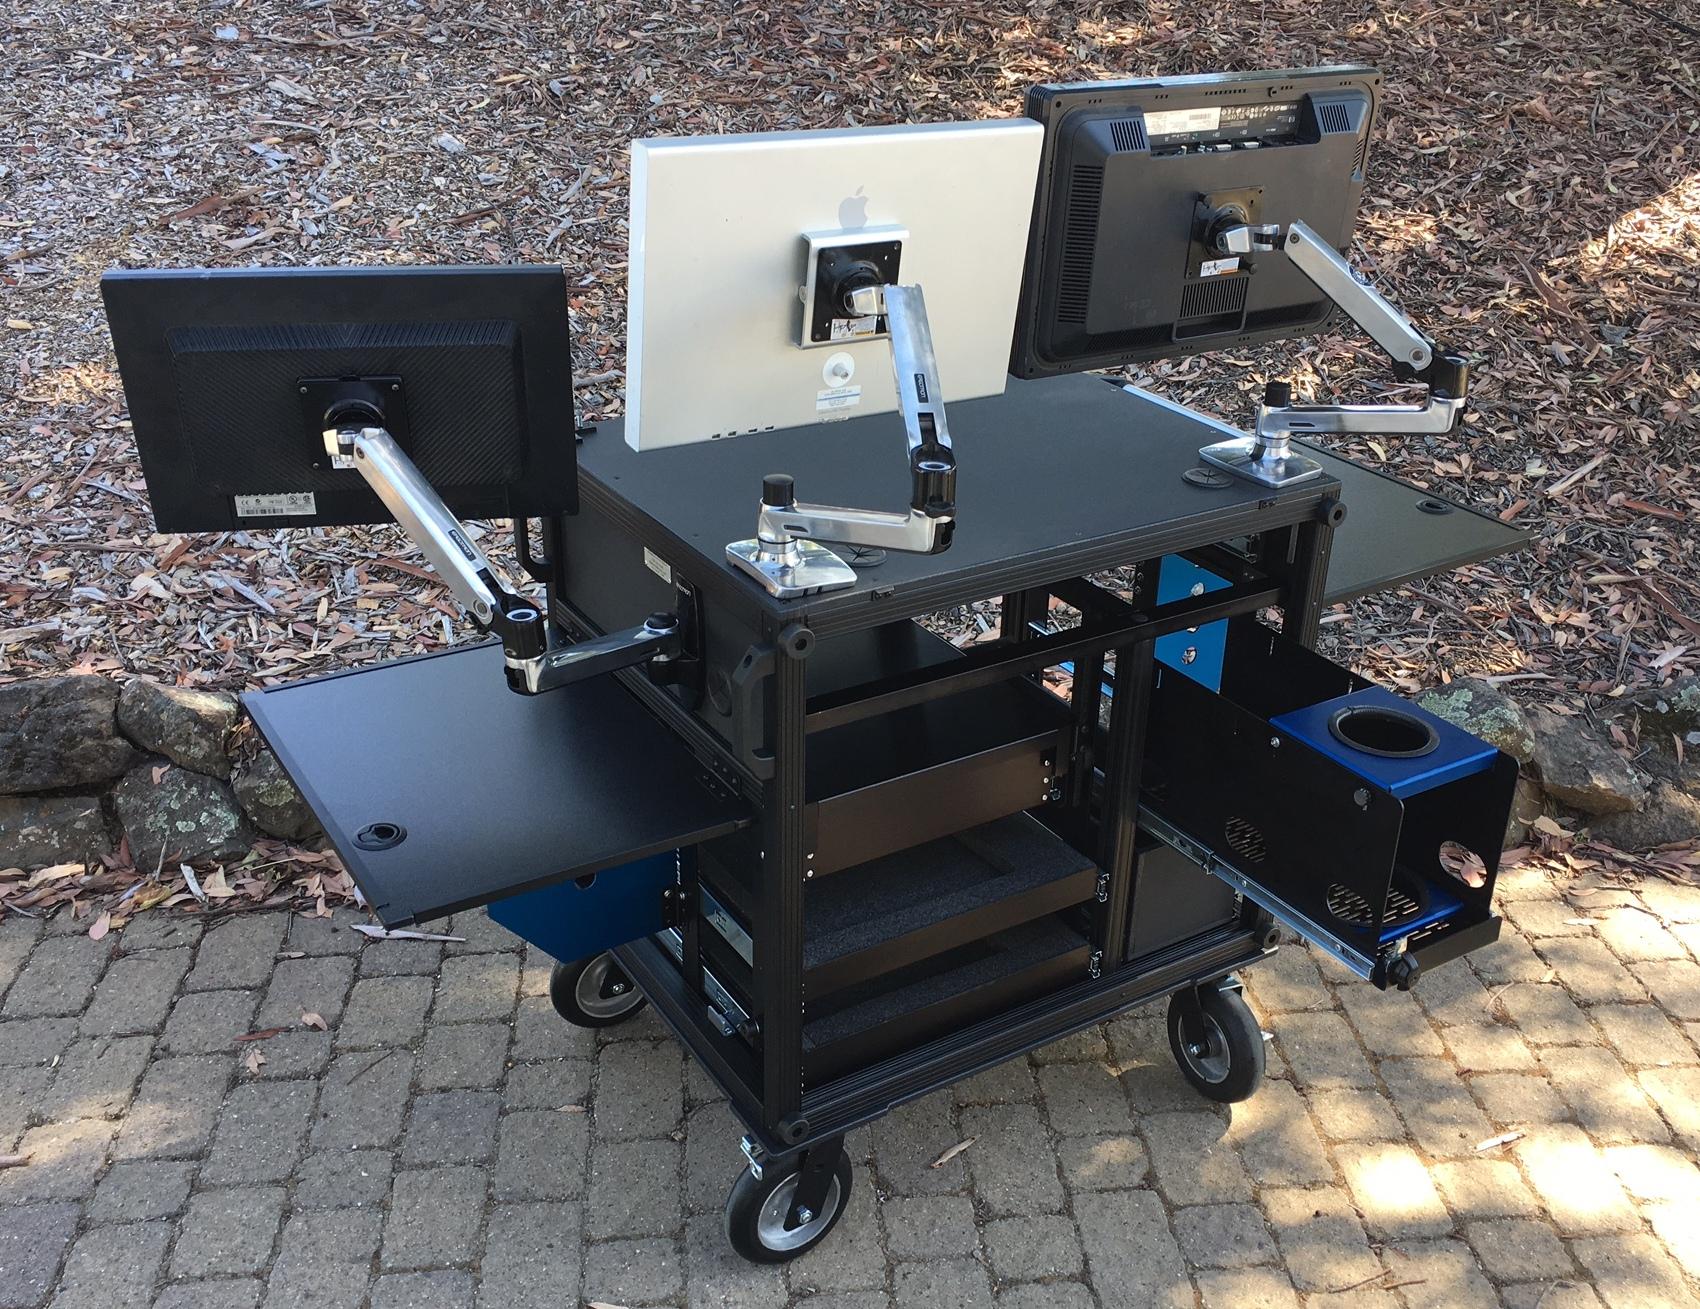 Singl monitors, MAC drawer, rear 7